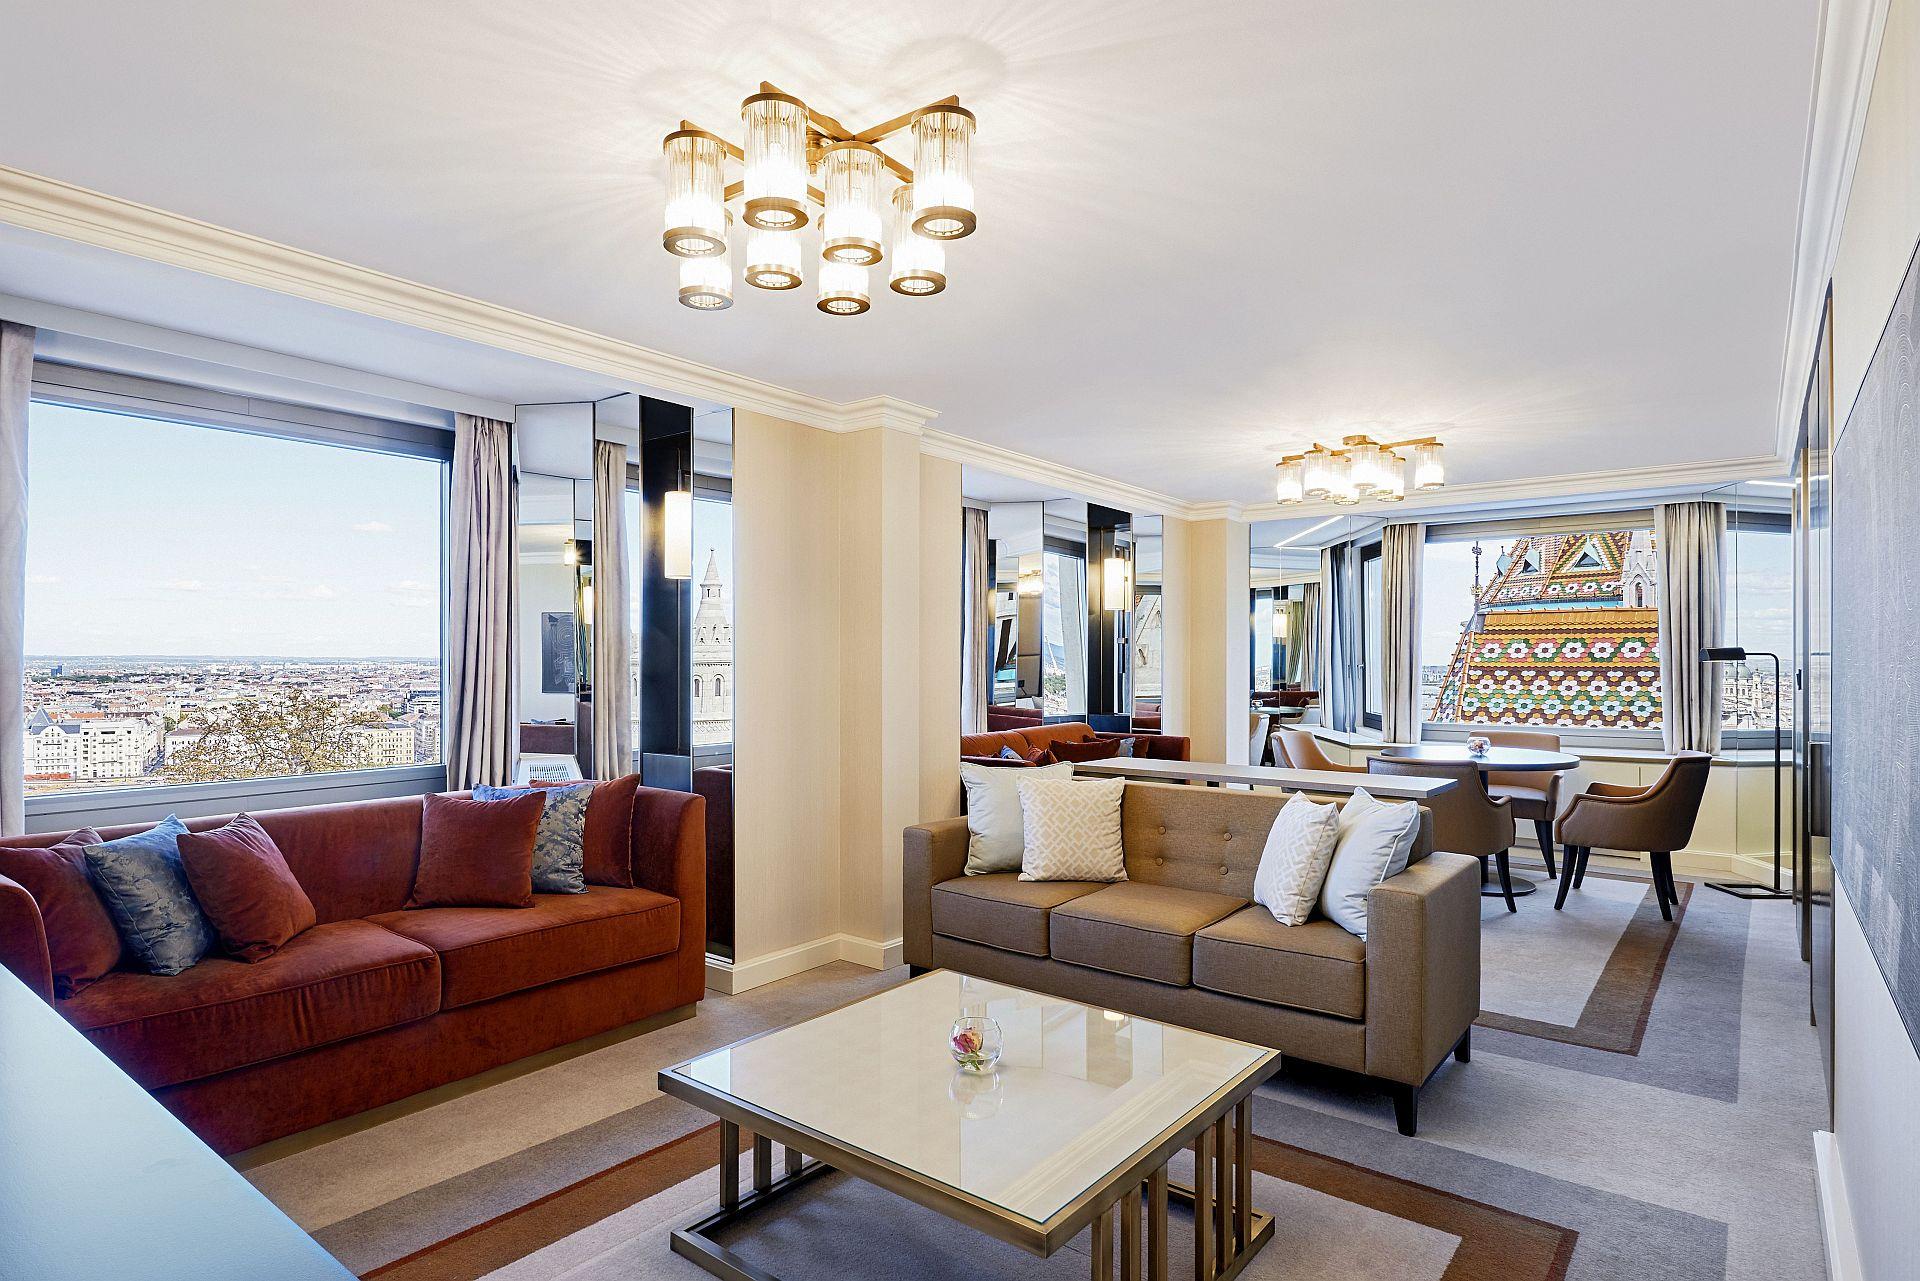 Hilton Budapest (Buda, Castle Hill) - Danube River Suite